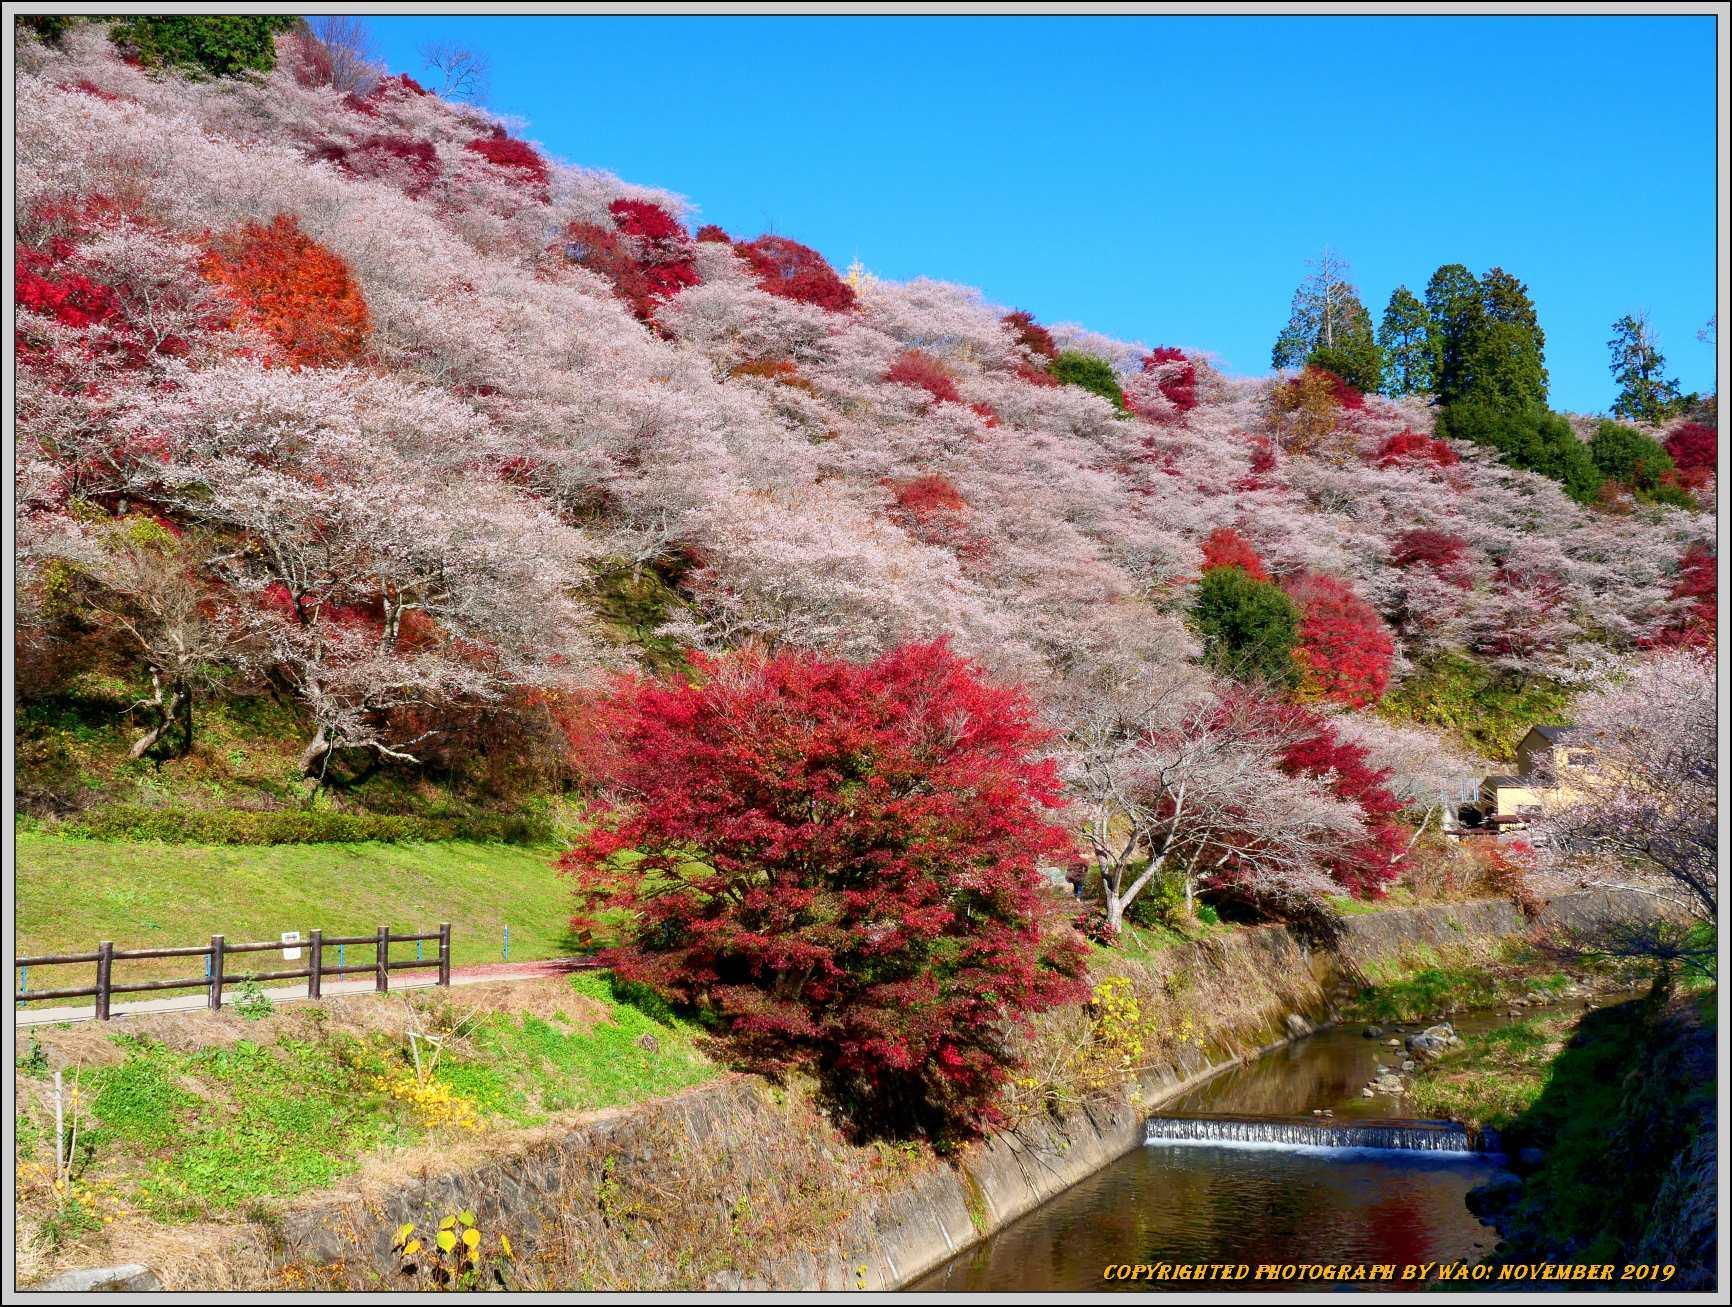 四季桜とモミジのコラボレーション-1_c0198669_15460123.jpg